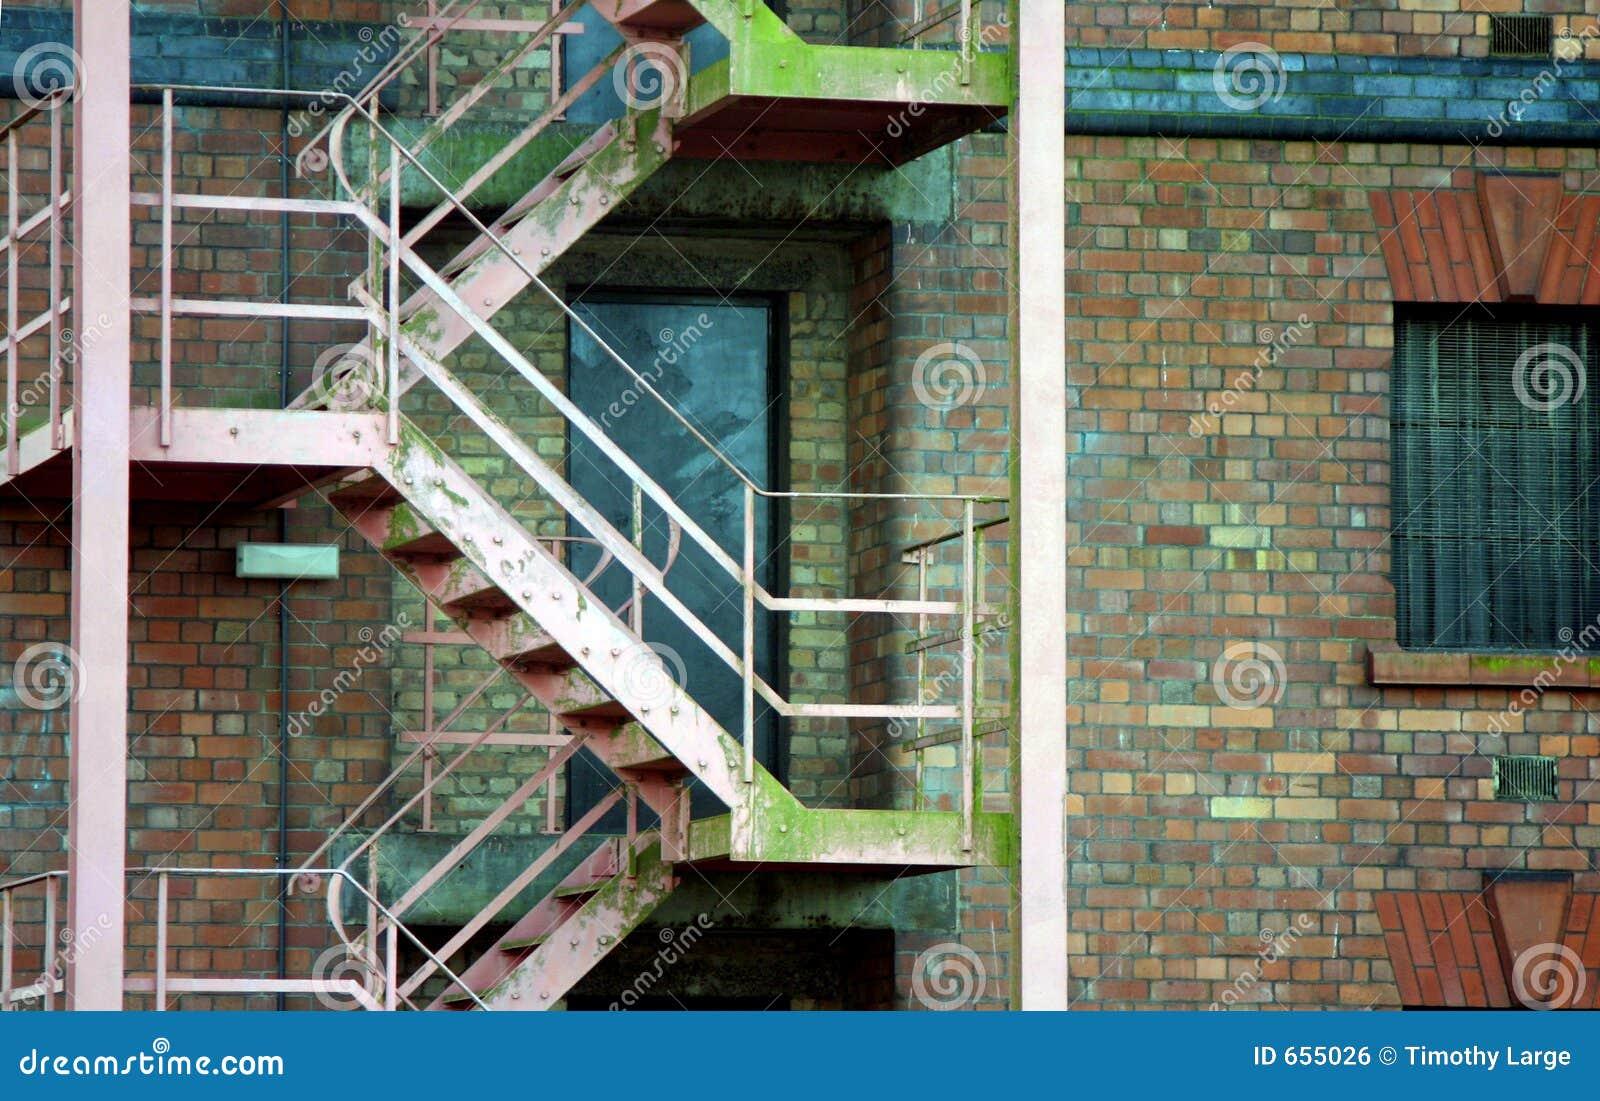 Escalera del escape